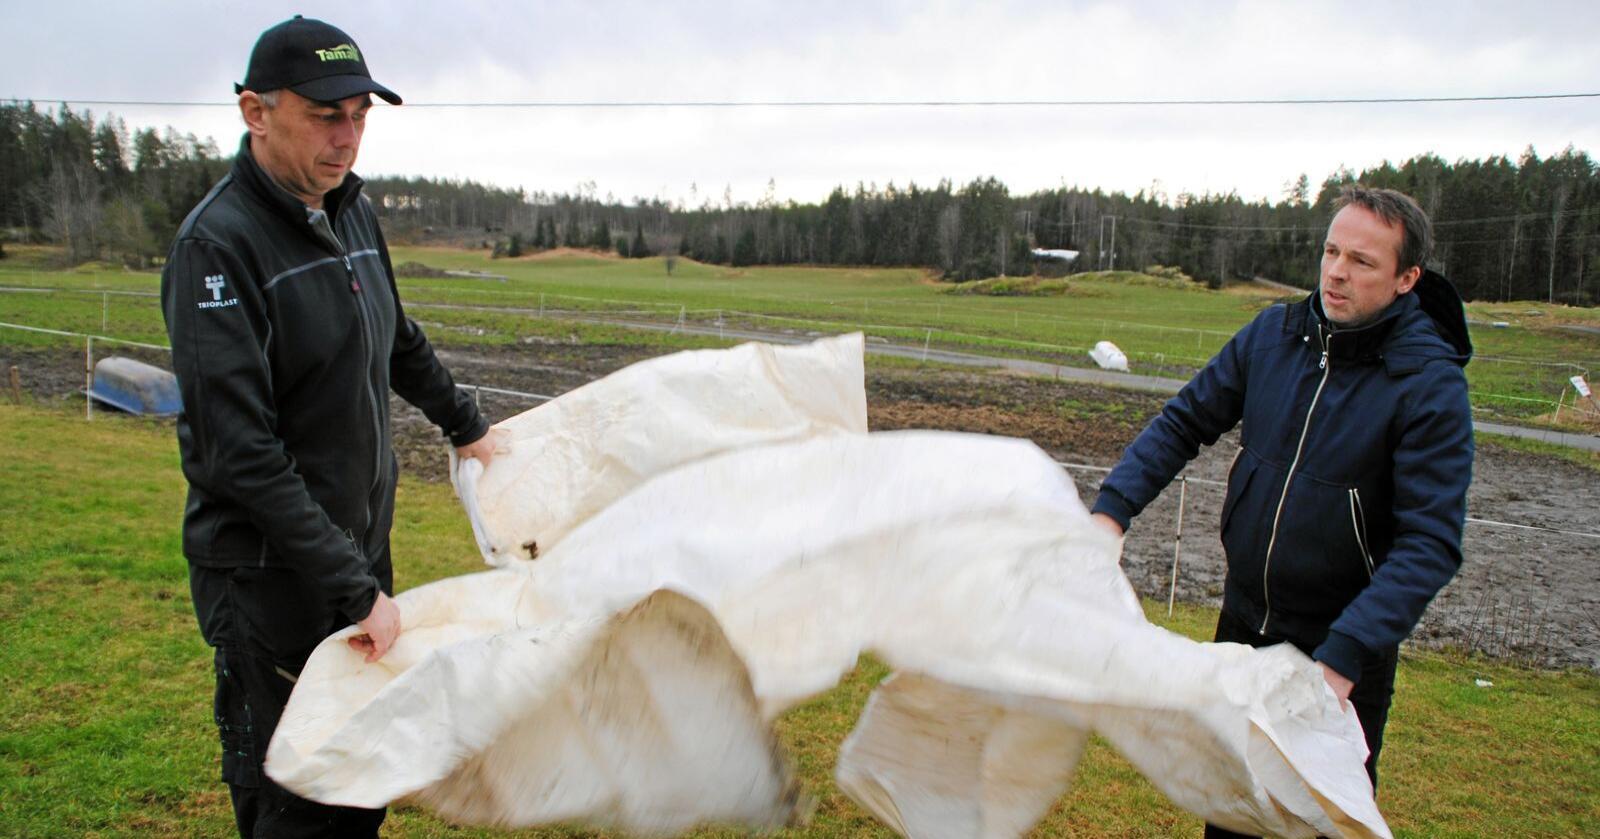 Håvard Kingsrød (t.v) og Andre Monsrud rister rundballeplasten ren før den kan pakkes. Foto: Lars Bilit Hagen